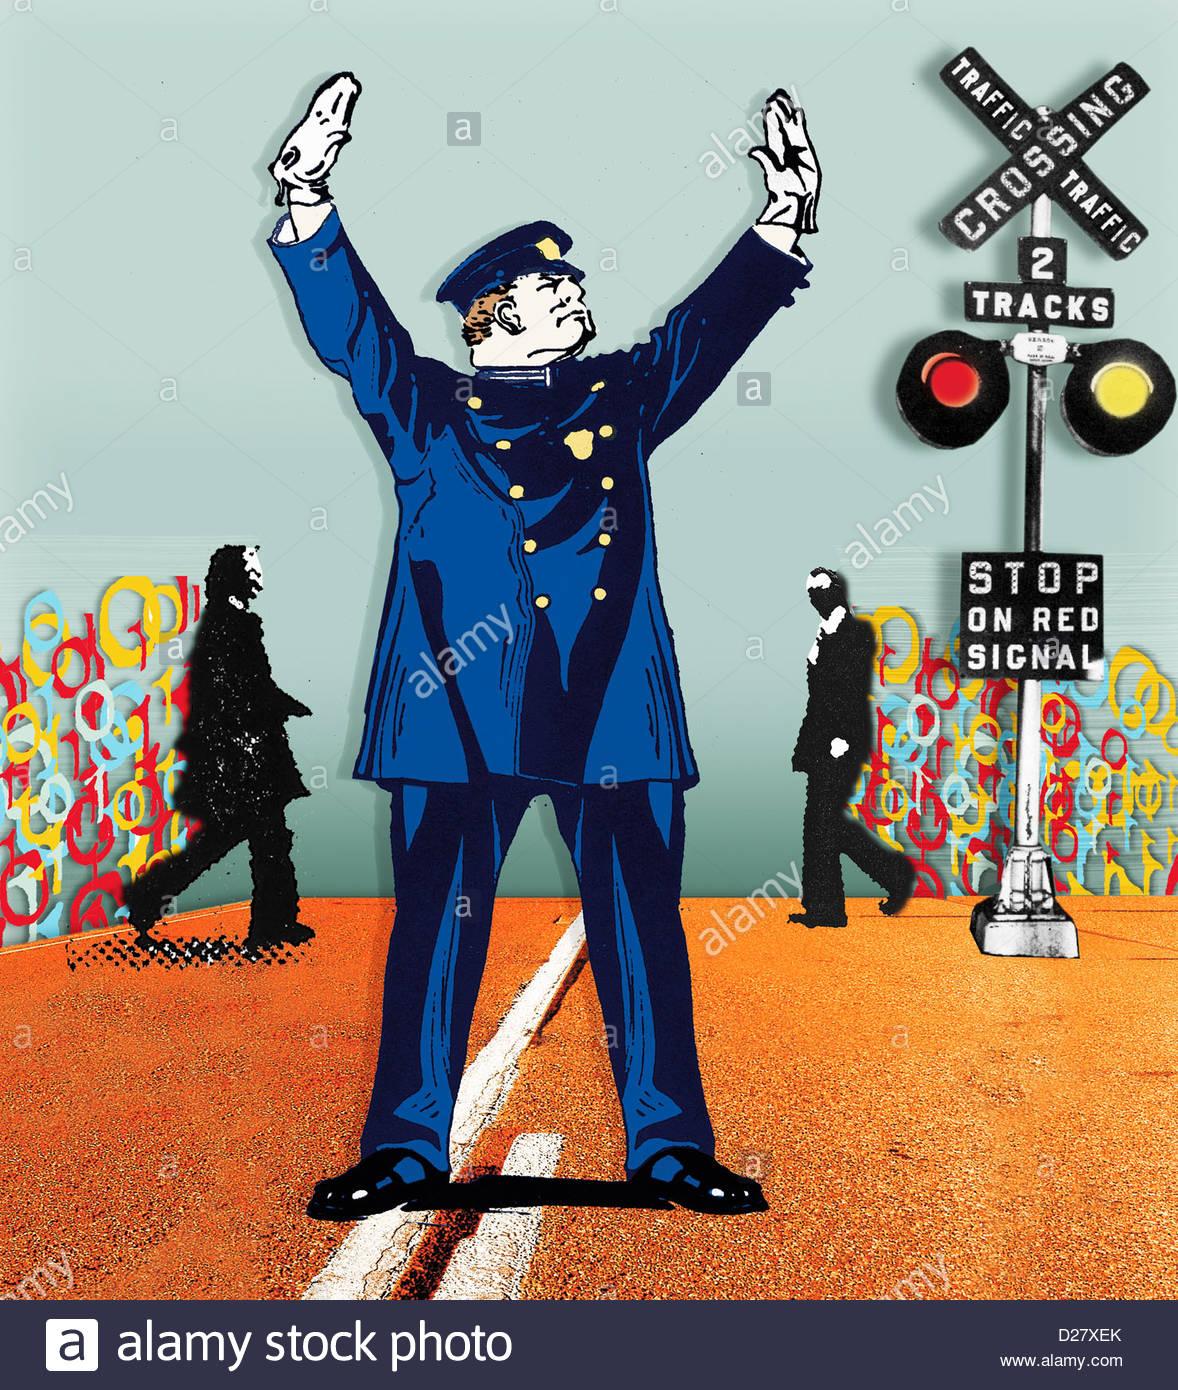 Poliziotto fermando il traffico in attraversamento ferroviario per uomini d'affari Immagini Stock